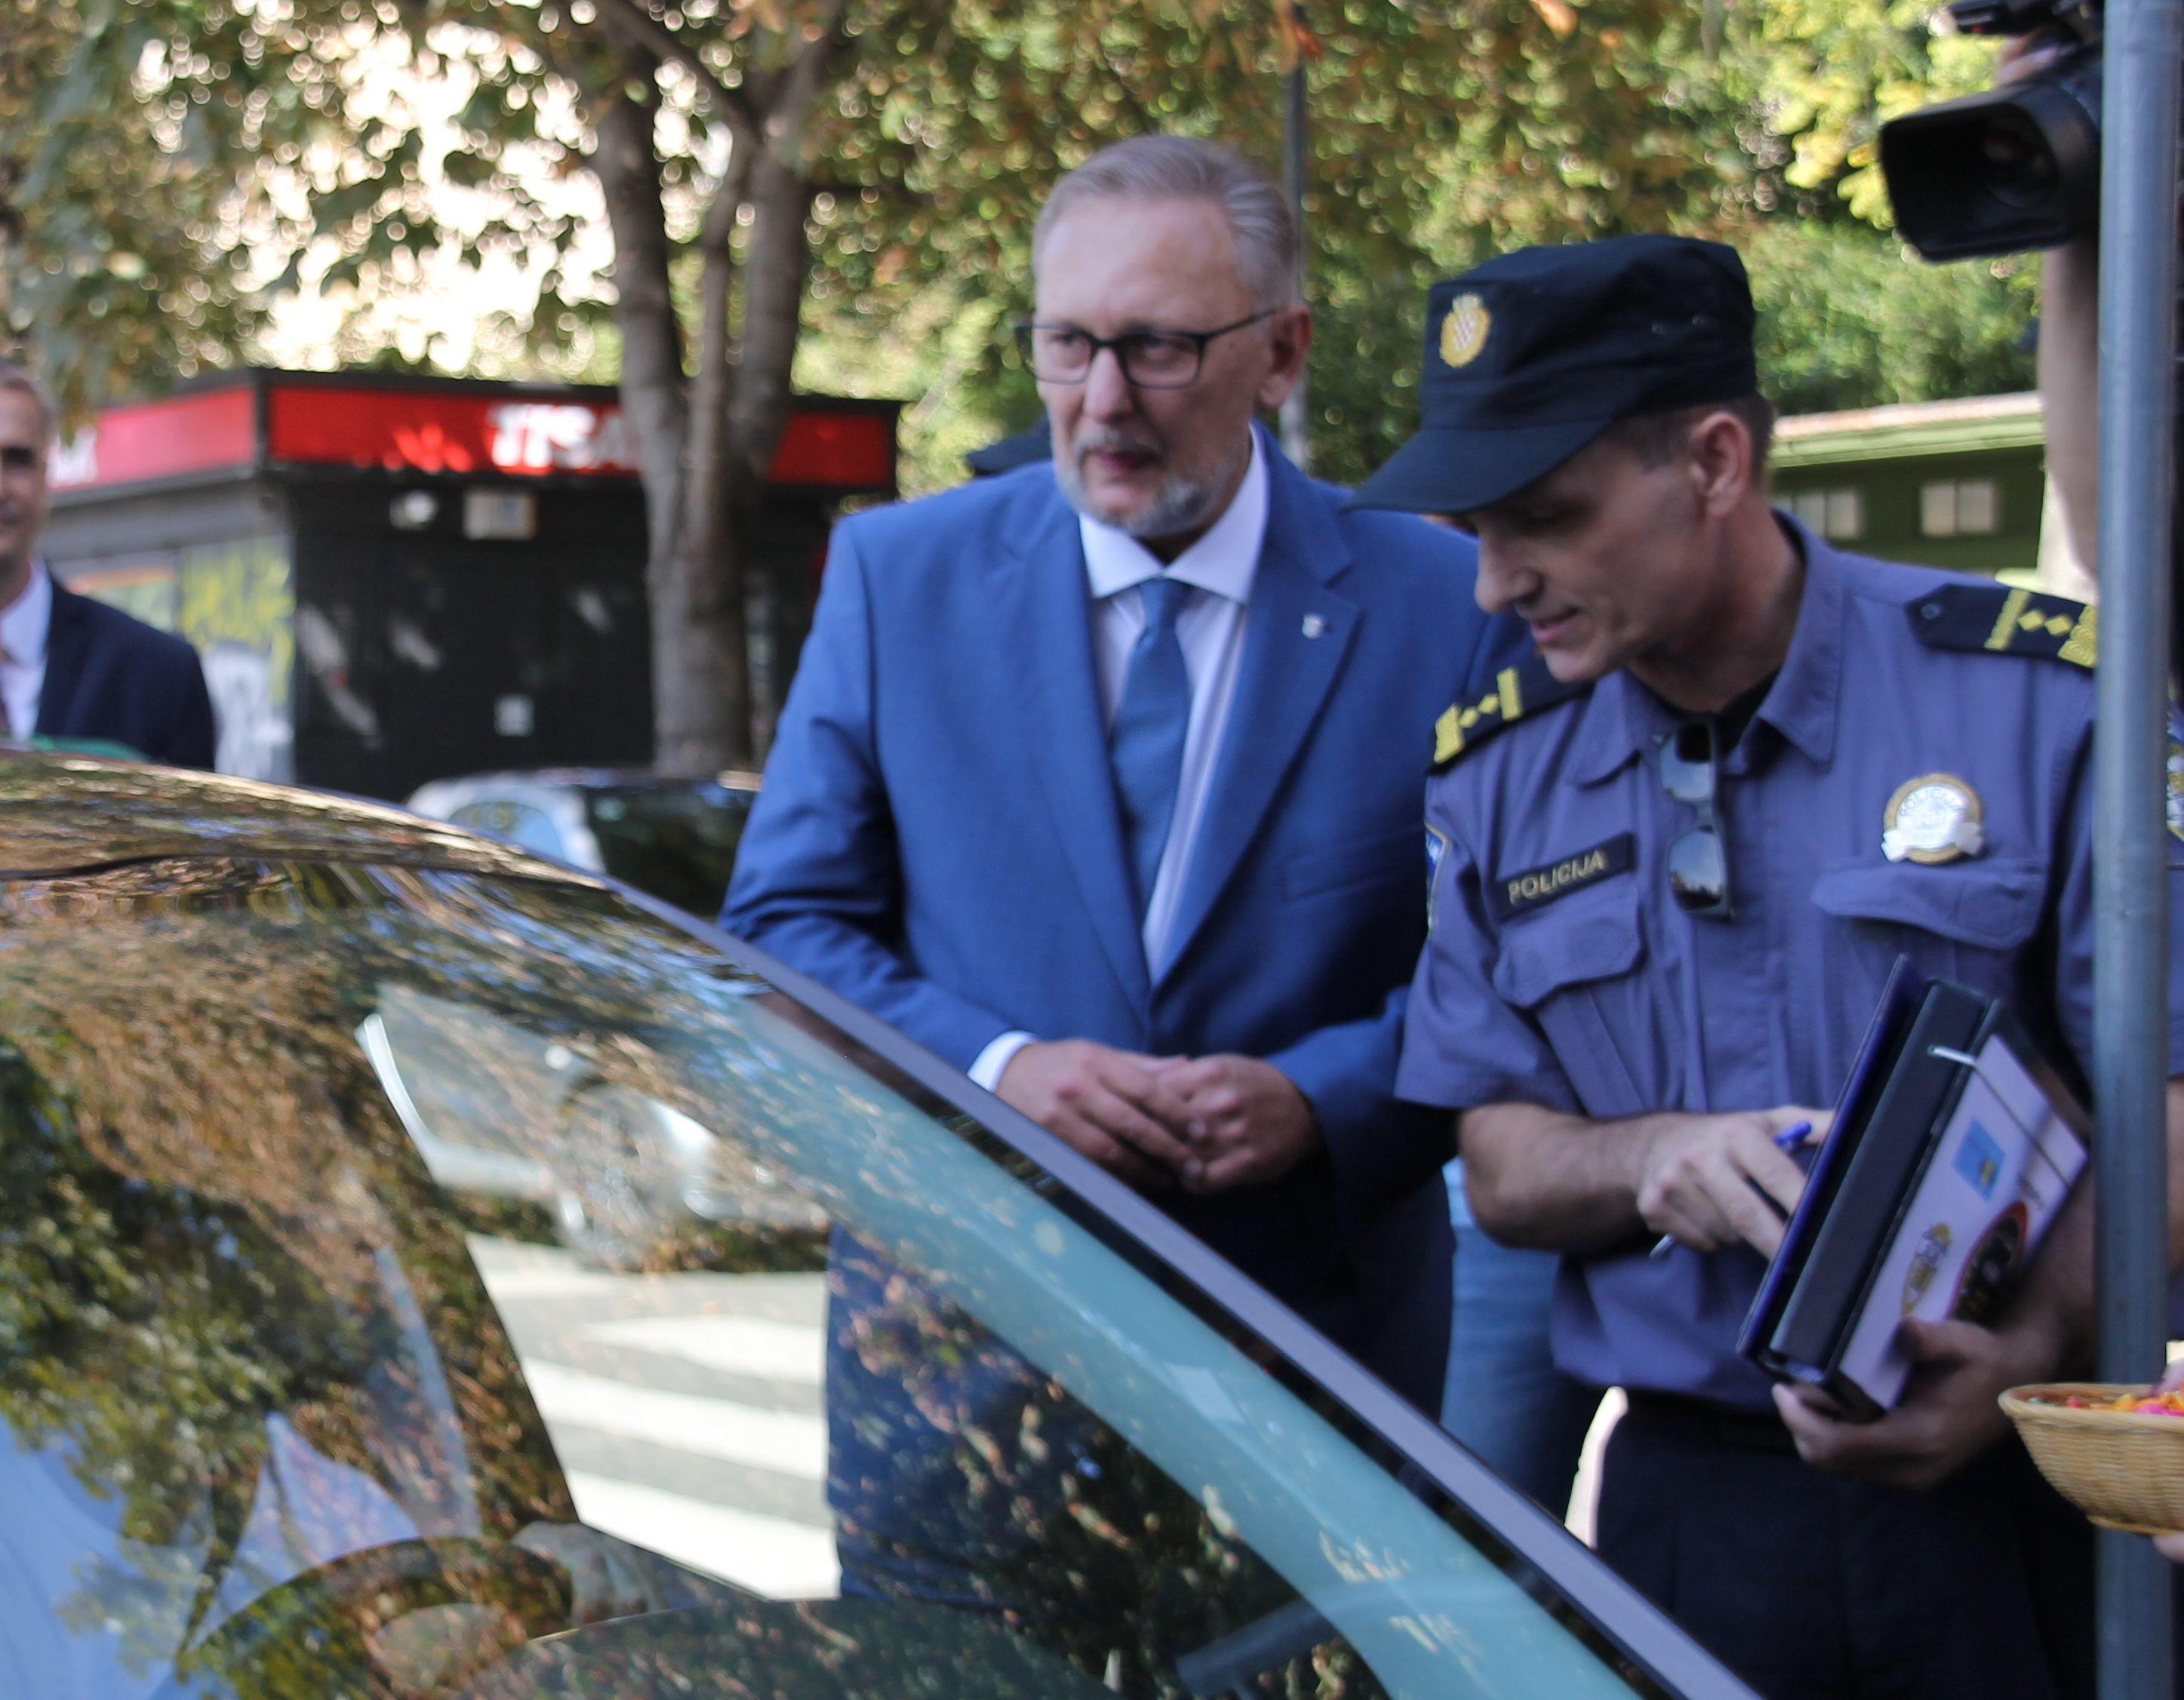 Vozači, oprezno! Božinović: Znatno povećanje kazni za najteže prometne prekršaje